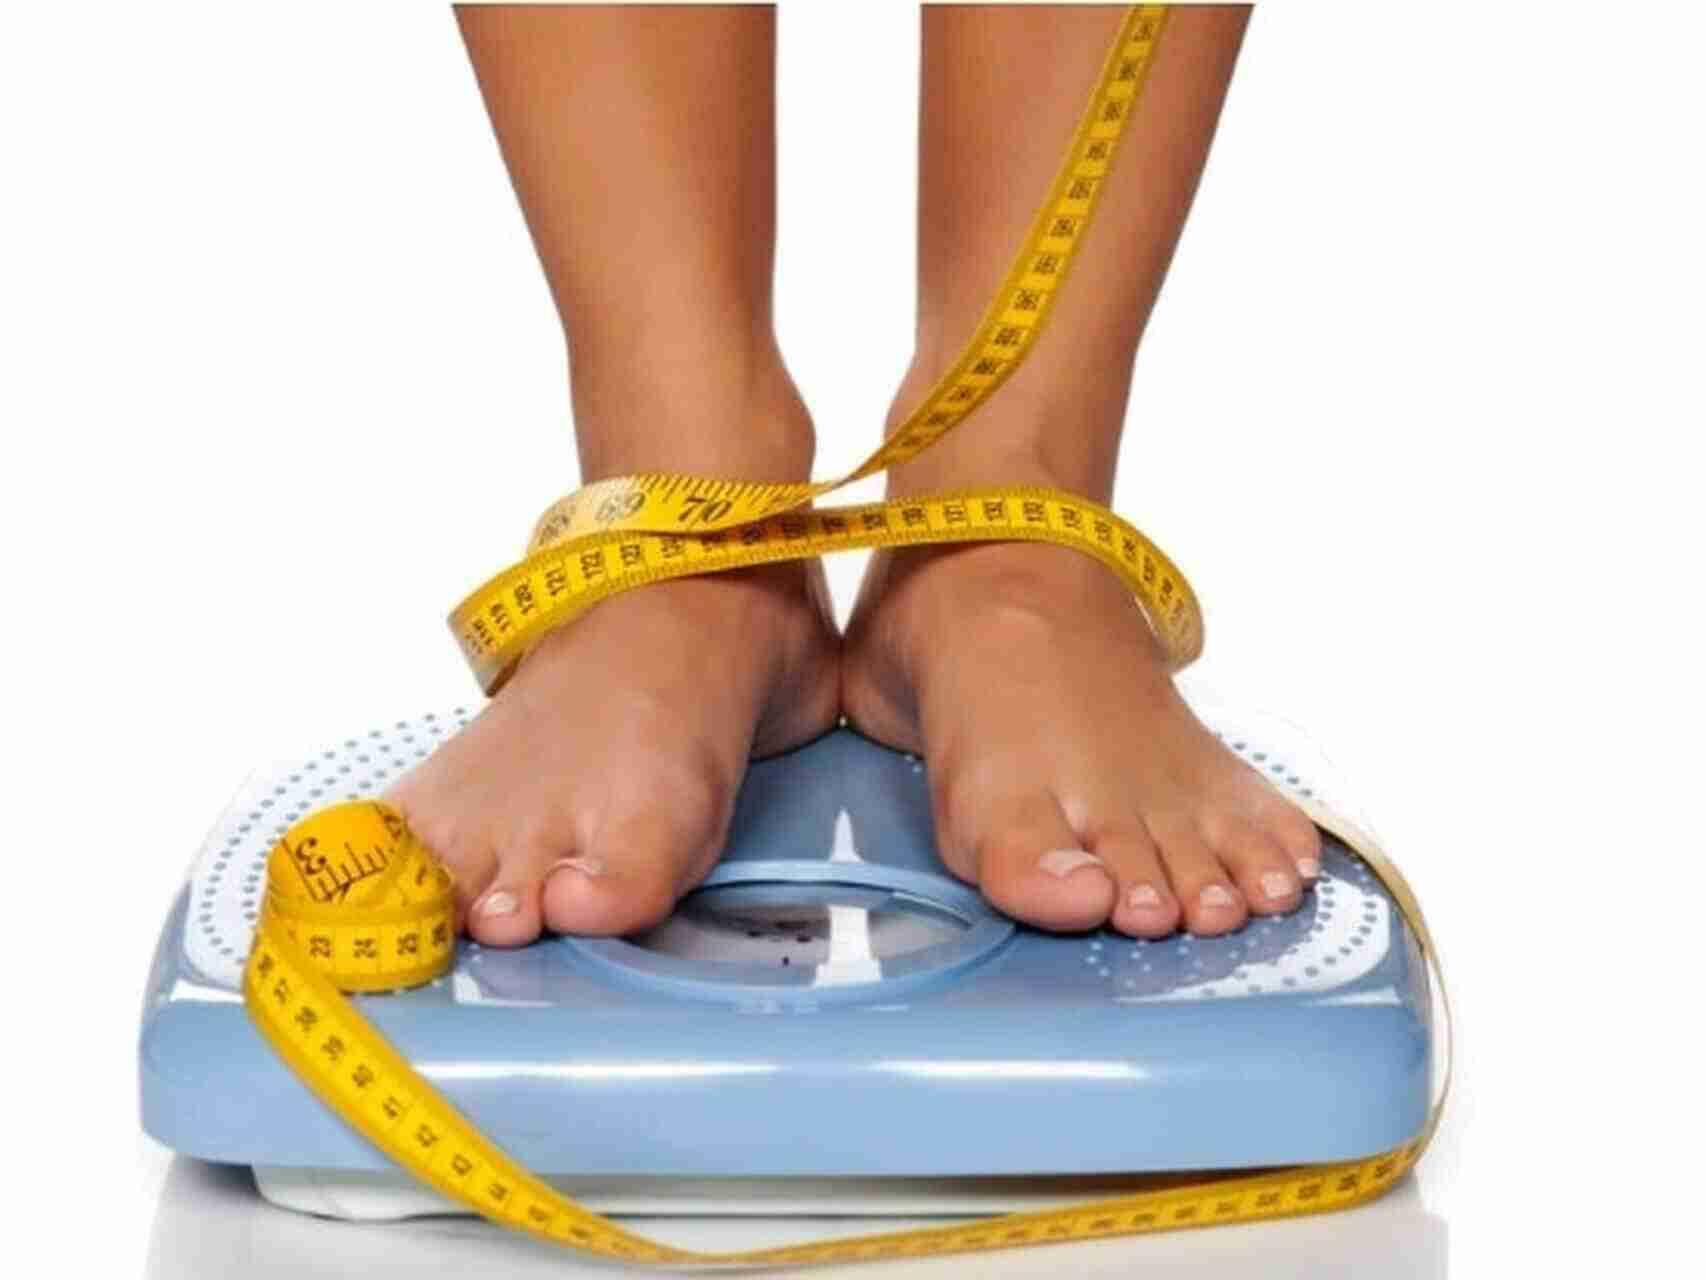 Piernas en una báscula junto con una cinta métrica tras visitar la consulta del nutricionista